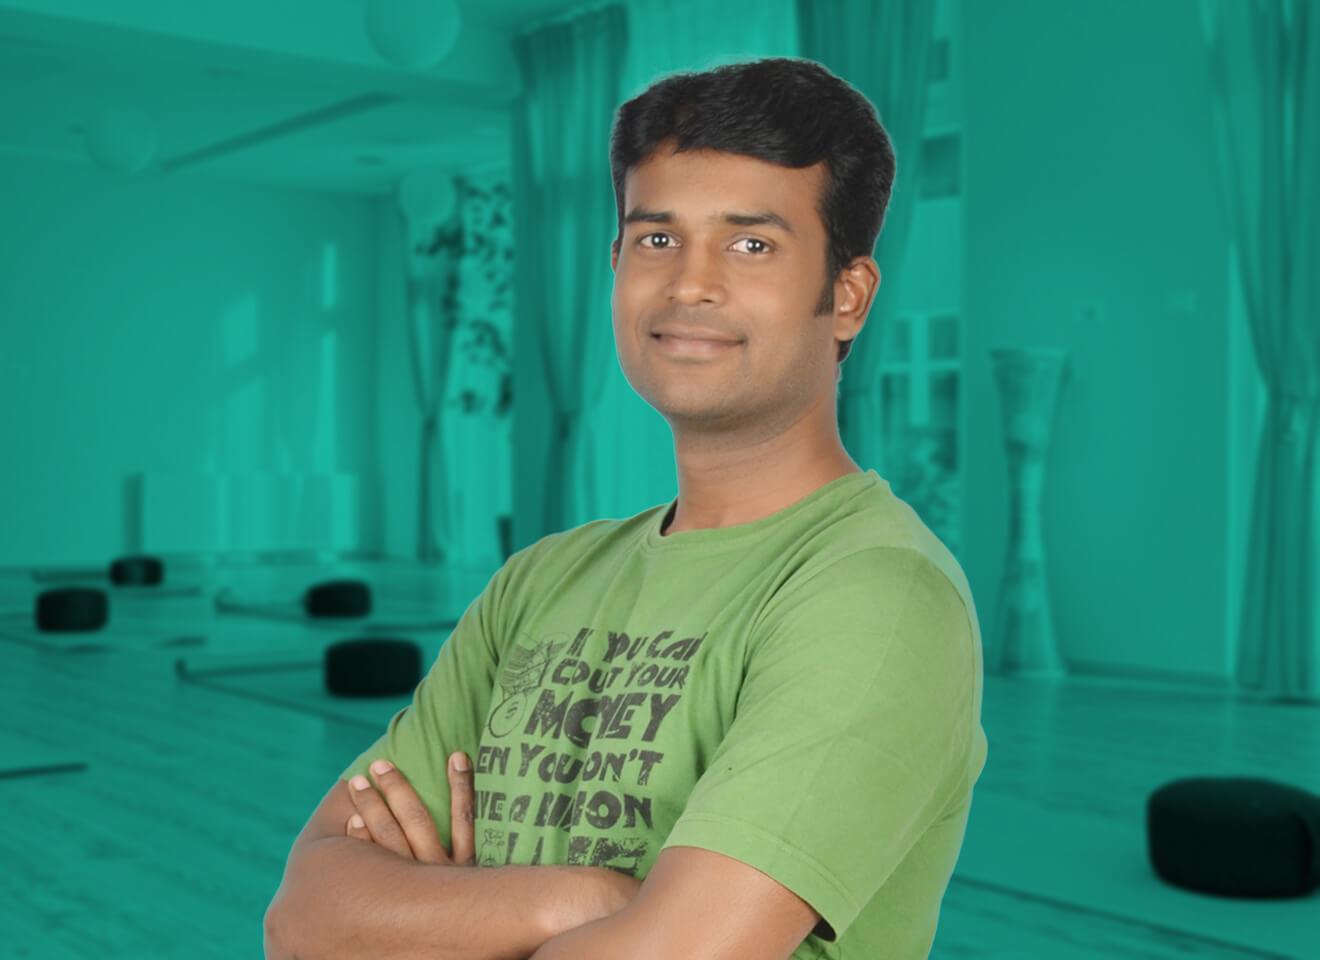 Vishal Kiran